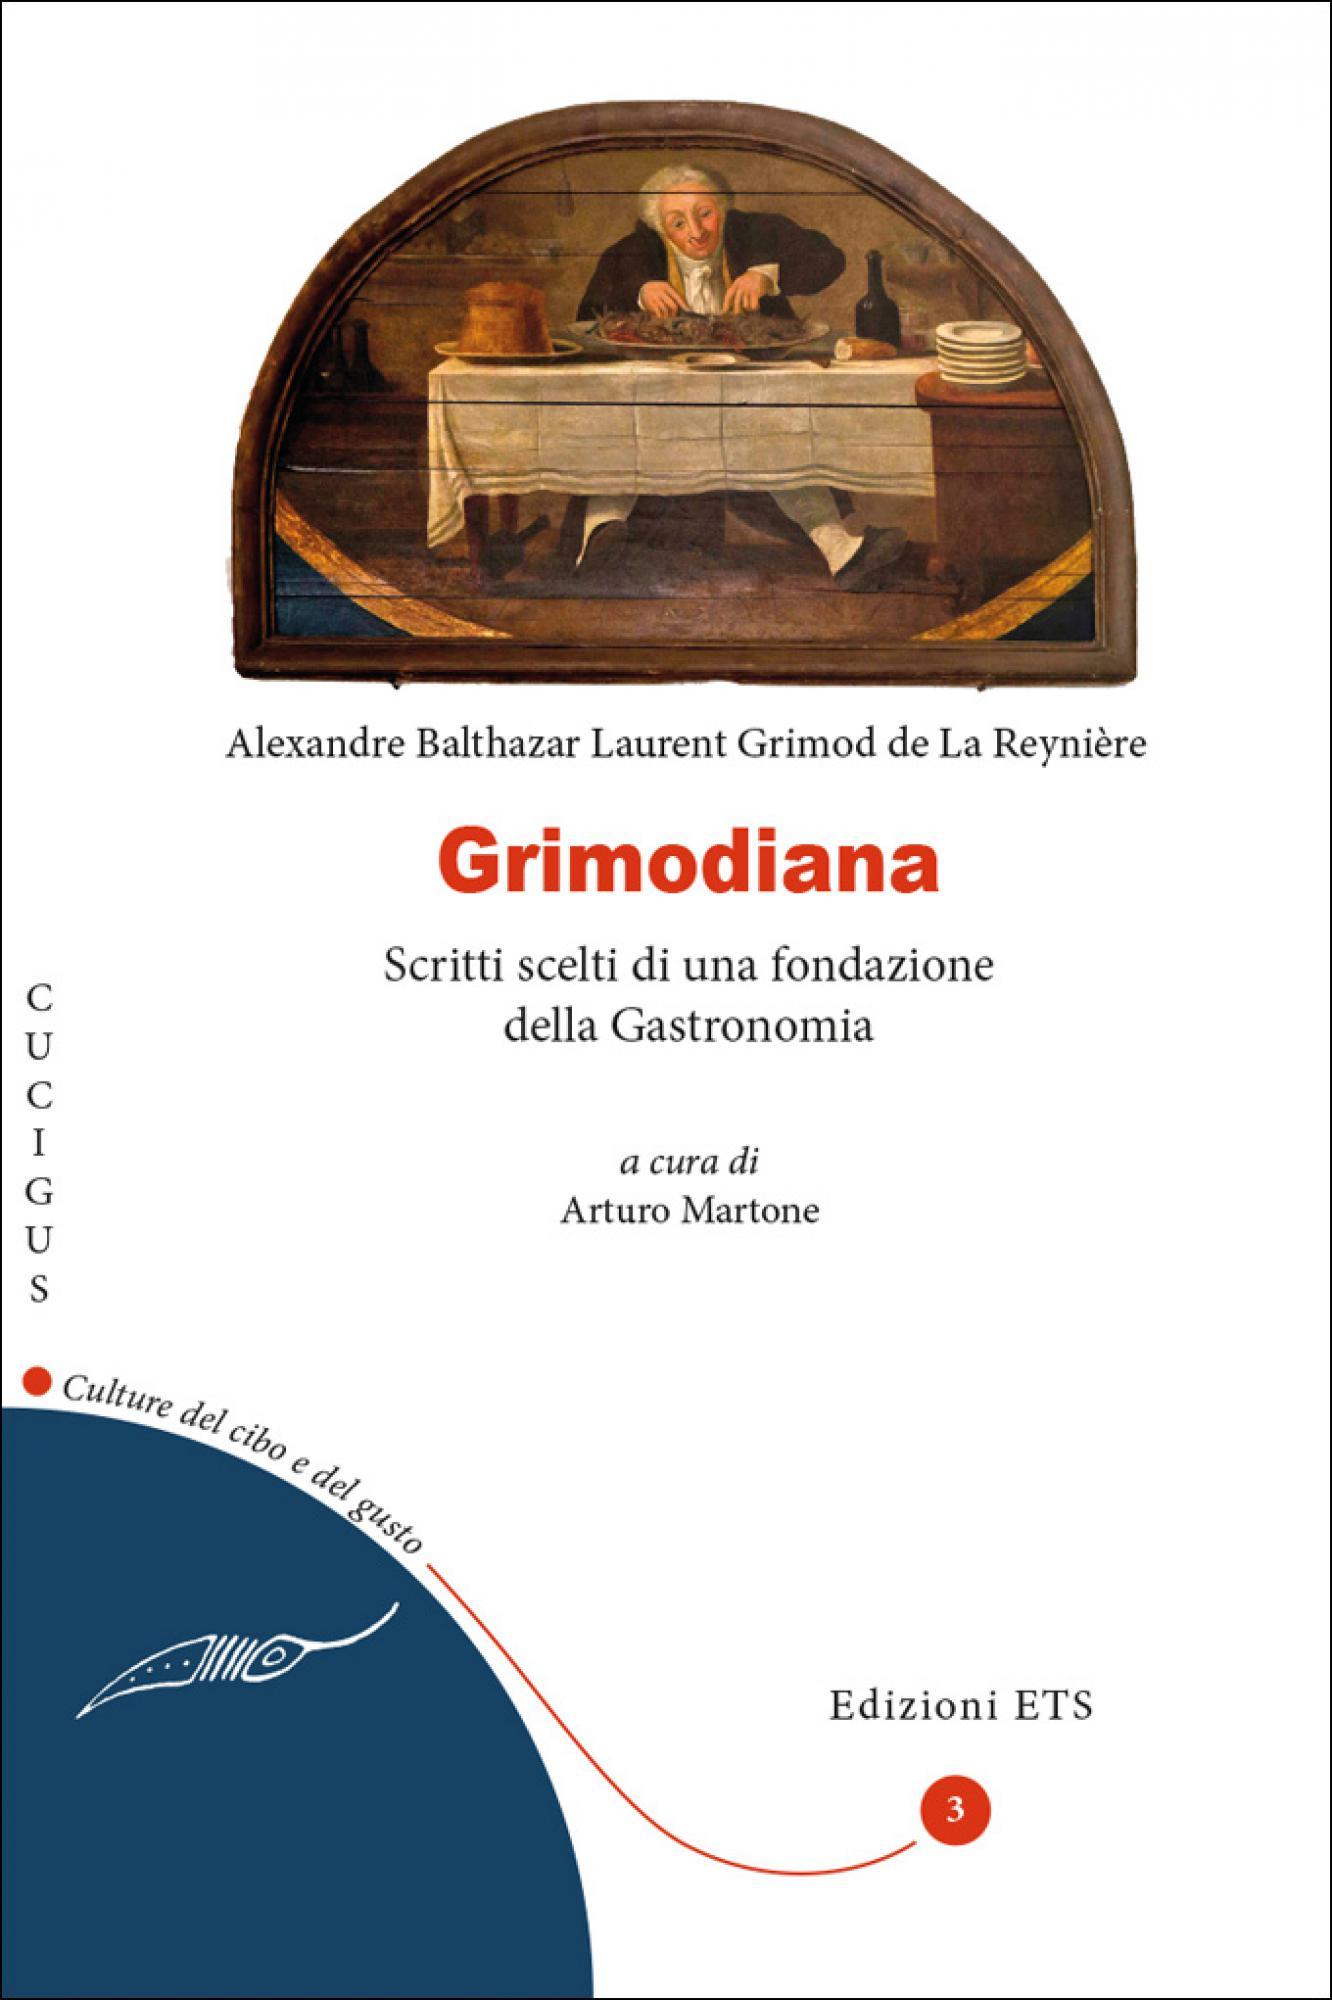 Grimodiana.Scritti scelti di una fondazione della Gastronomia